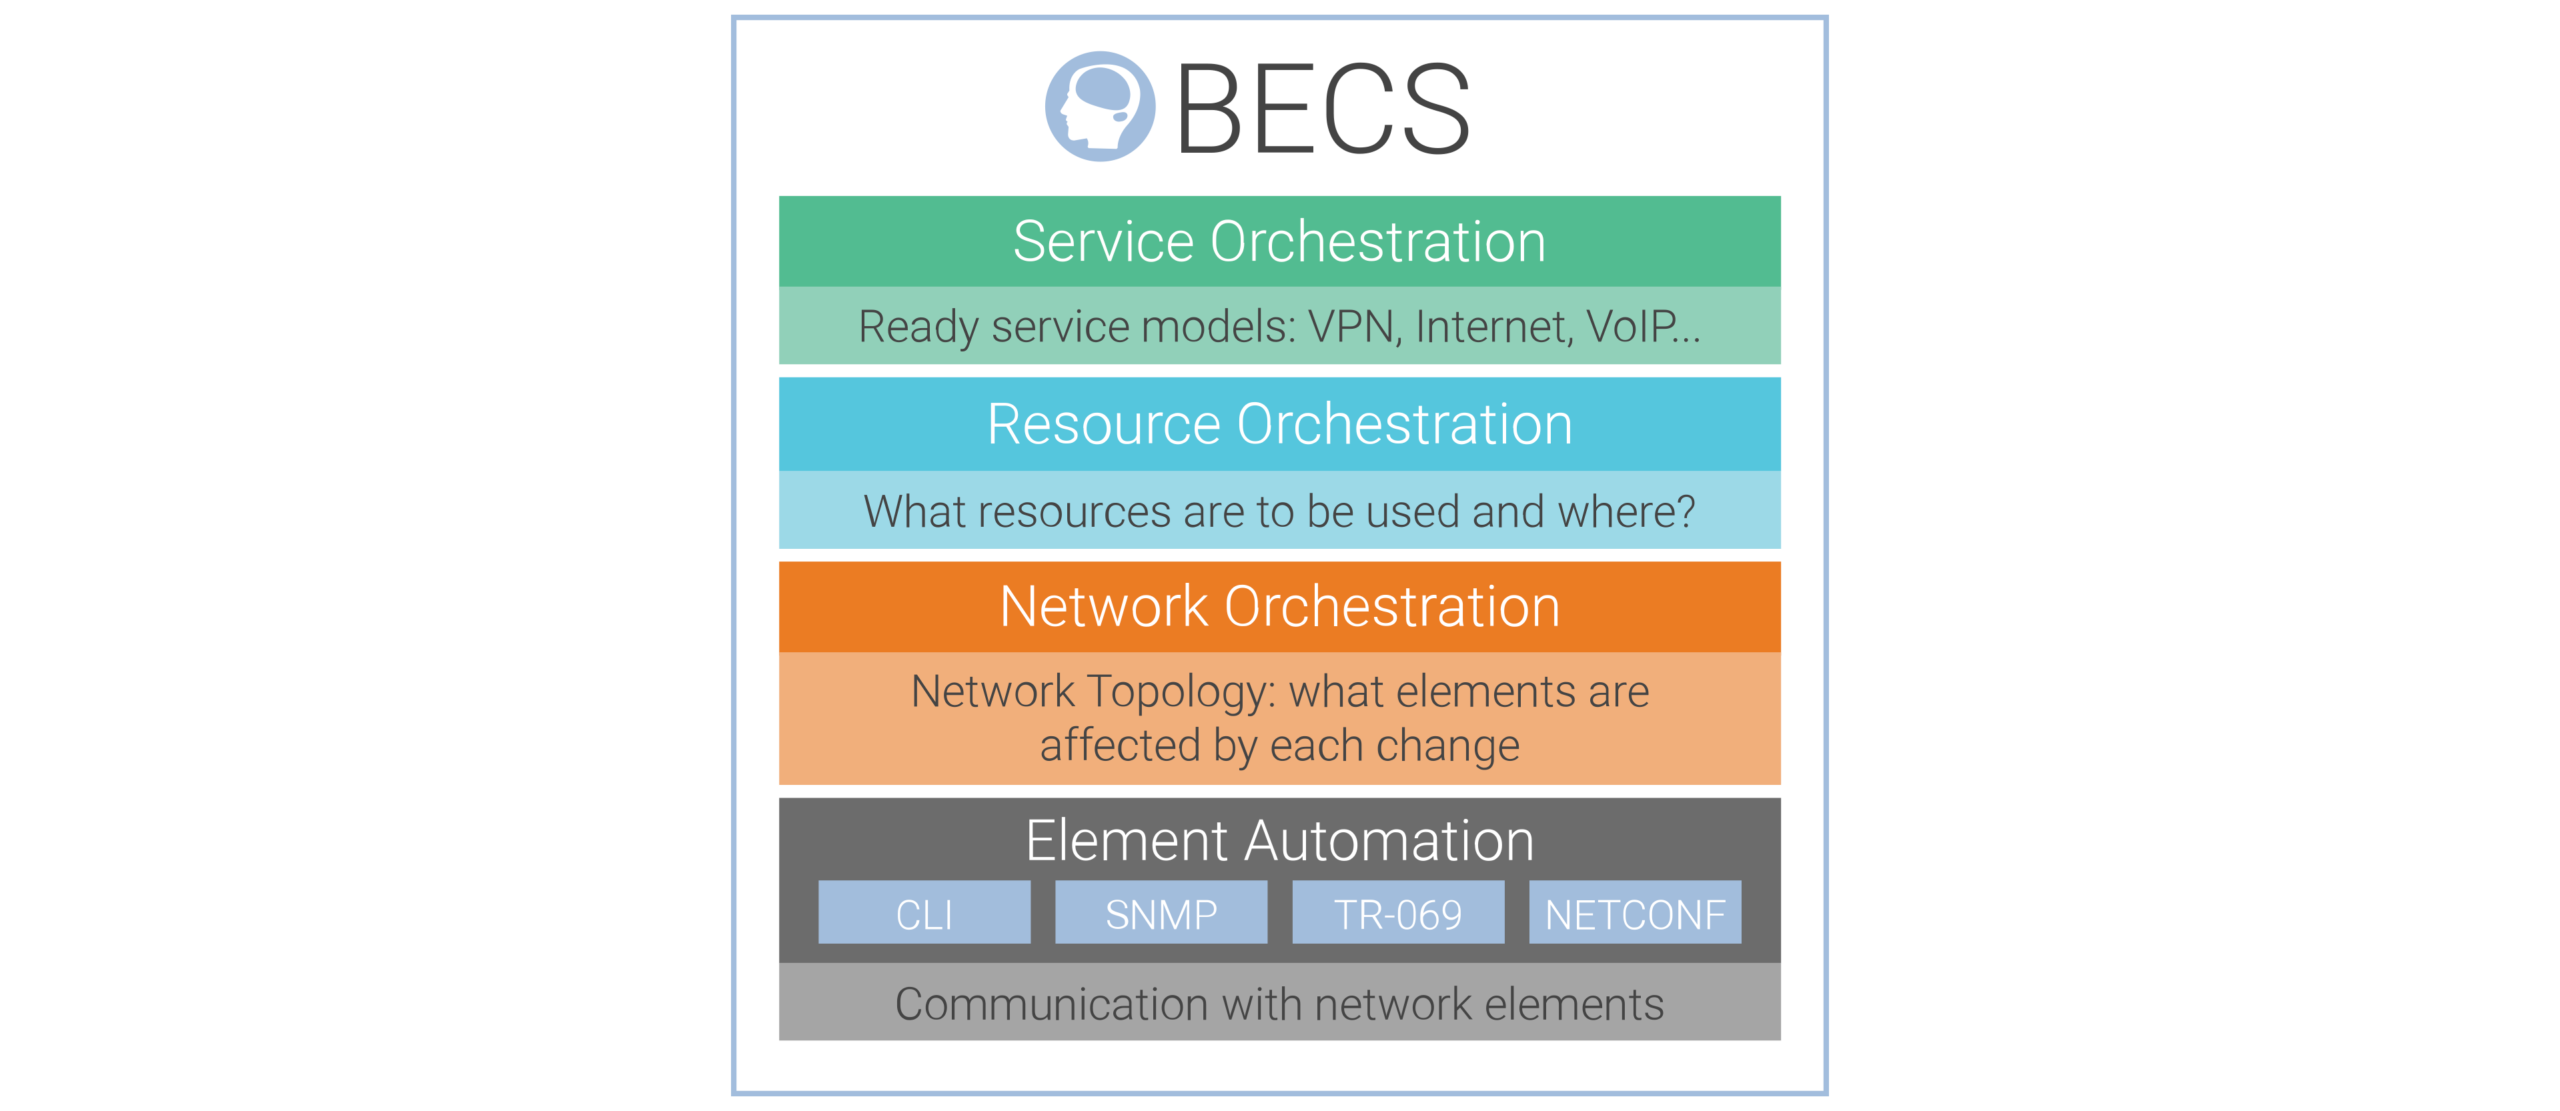 Überischt Provisionierungssoftware BECS von PacketFront